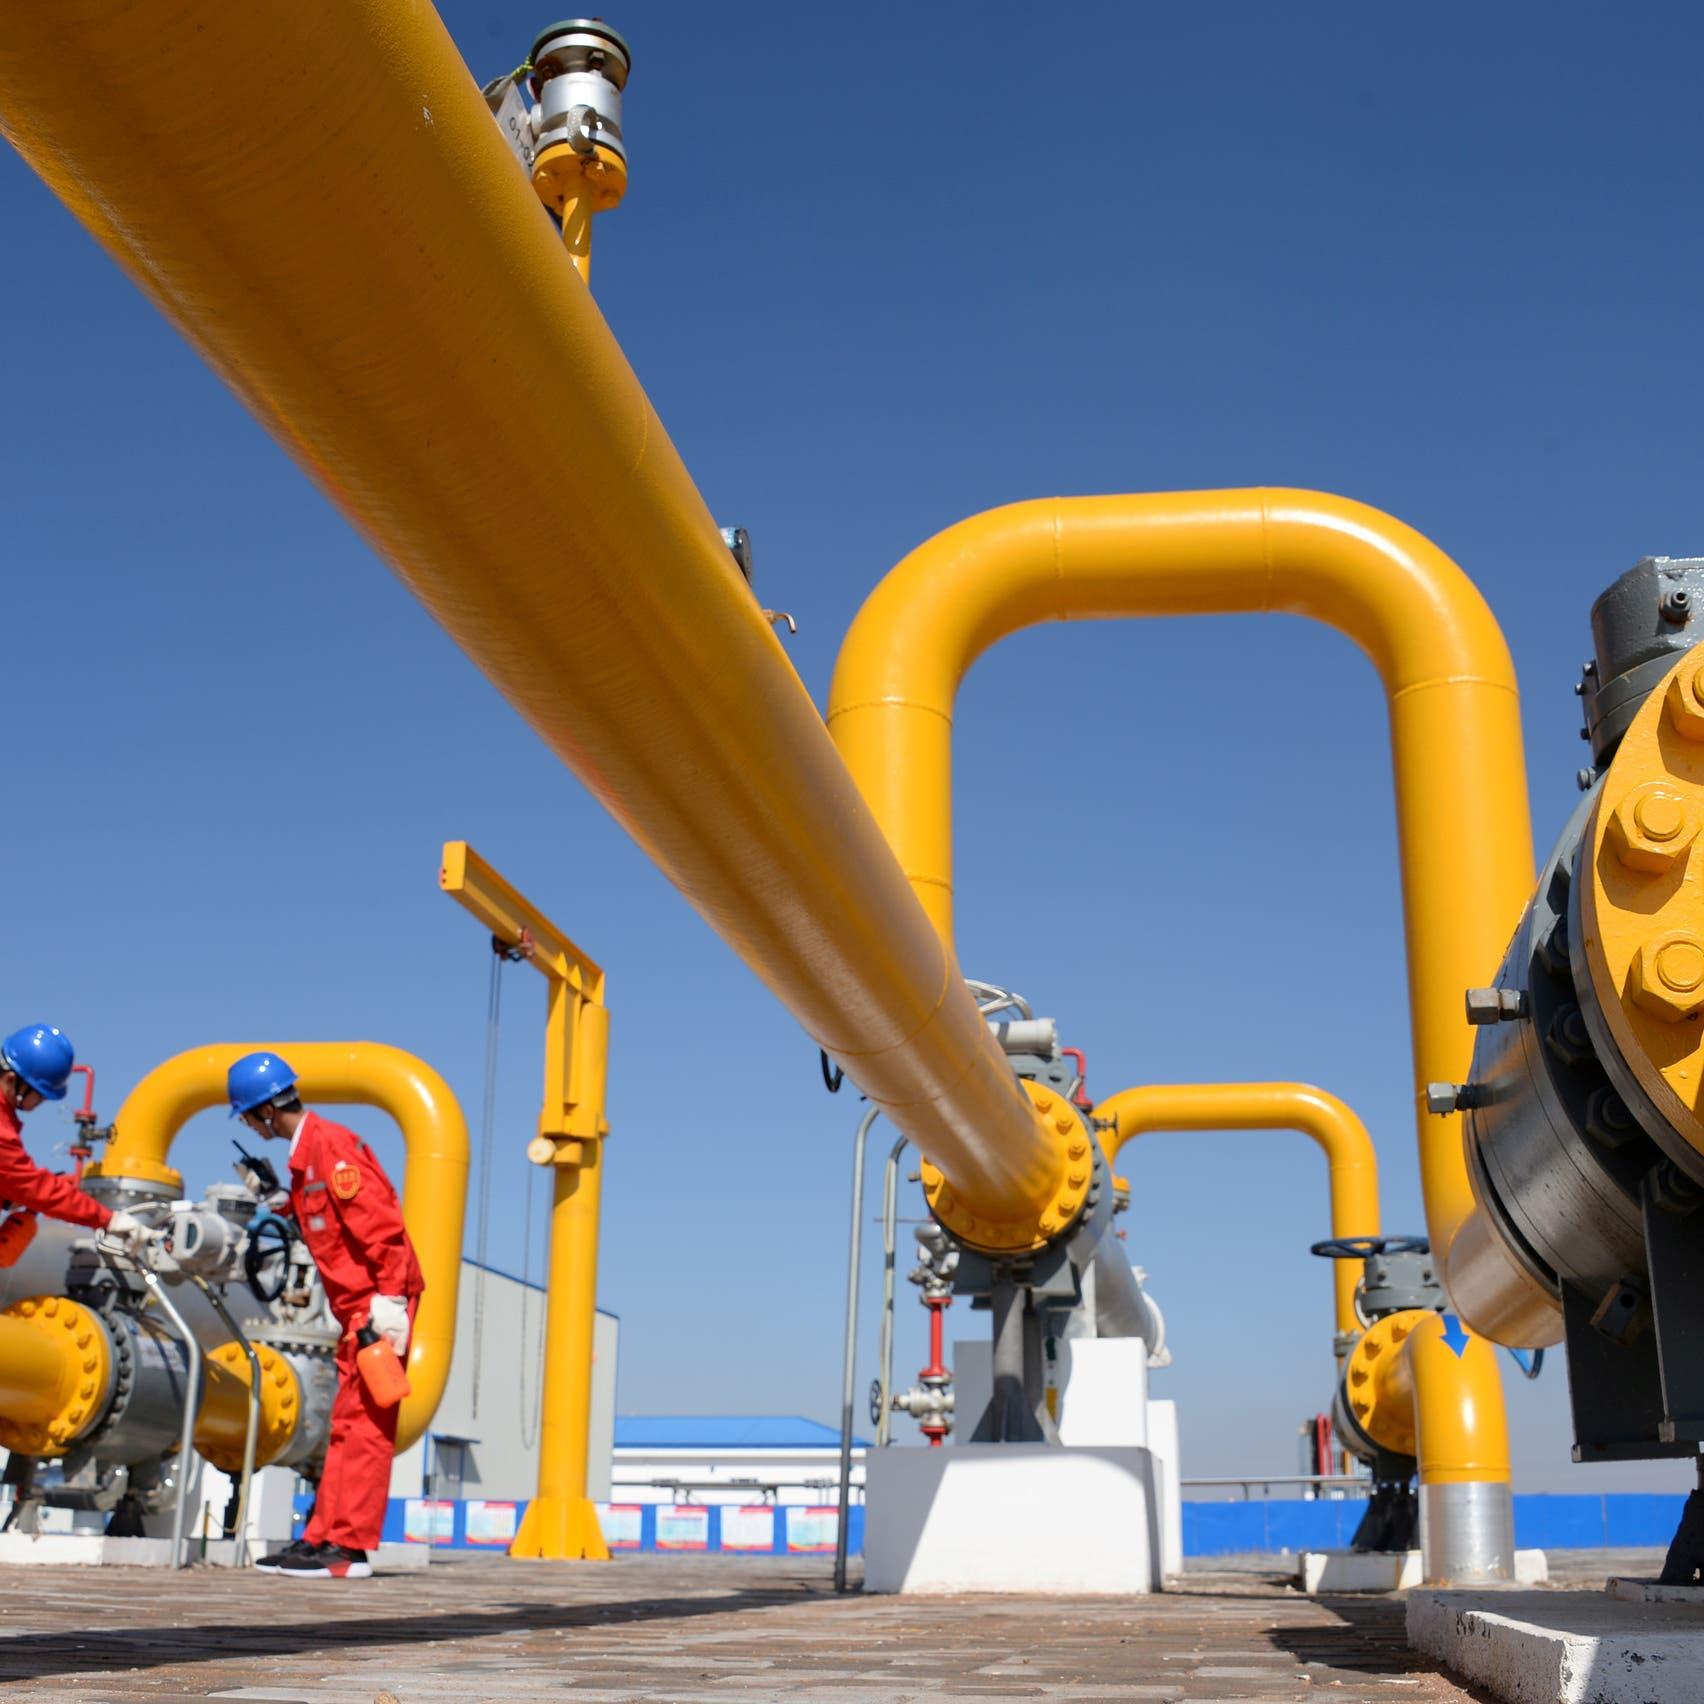 ريستاد إنرجي: انخفاض إنتاج الغاز الطبيعي عالمياً 3.6%